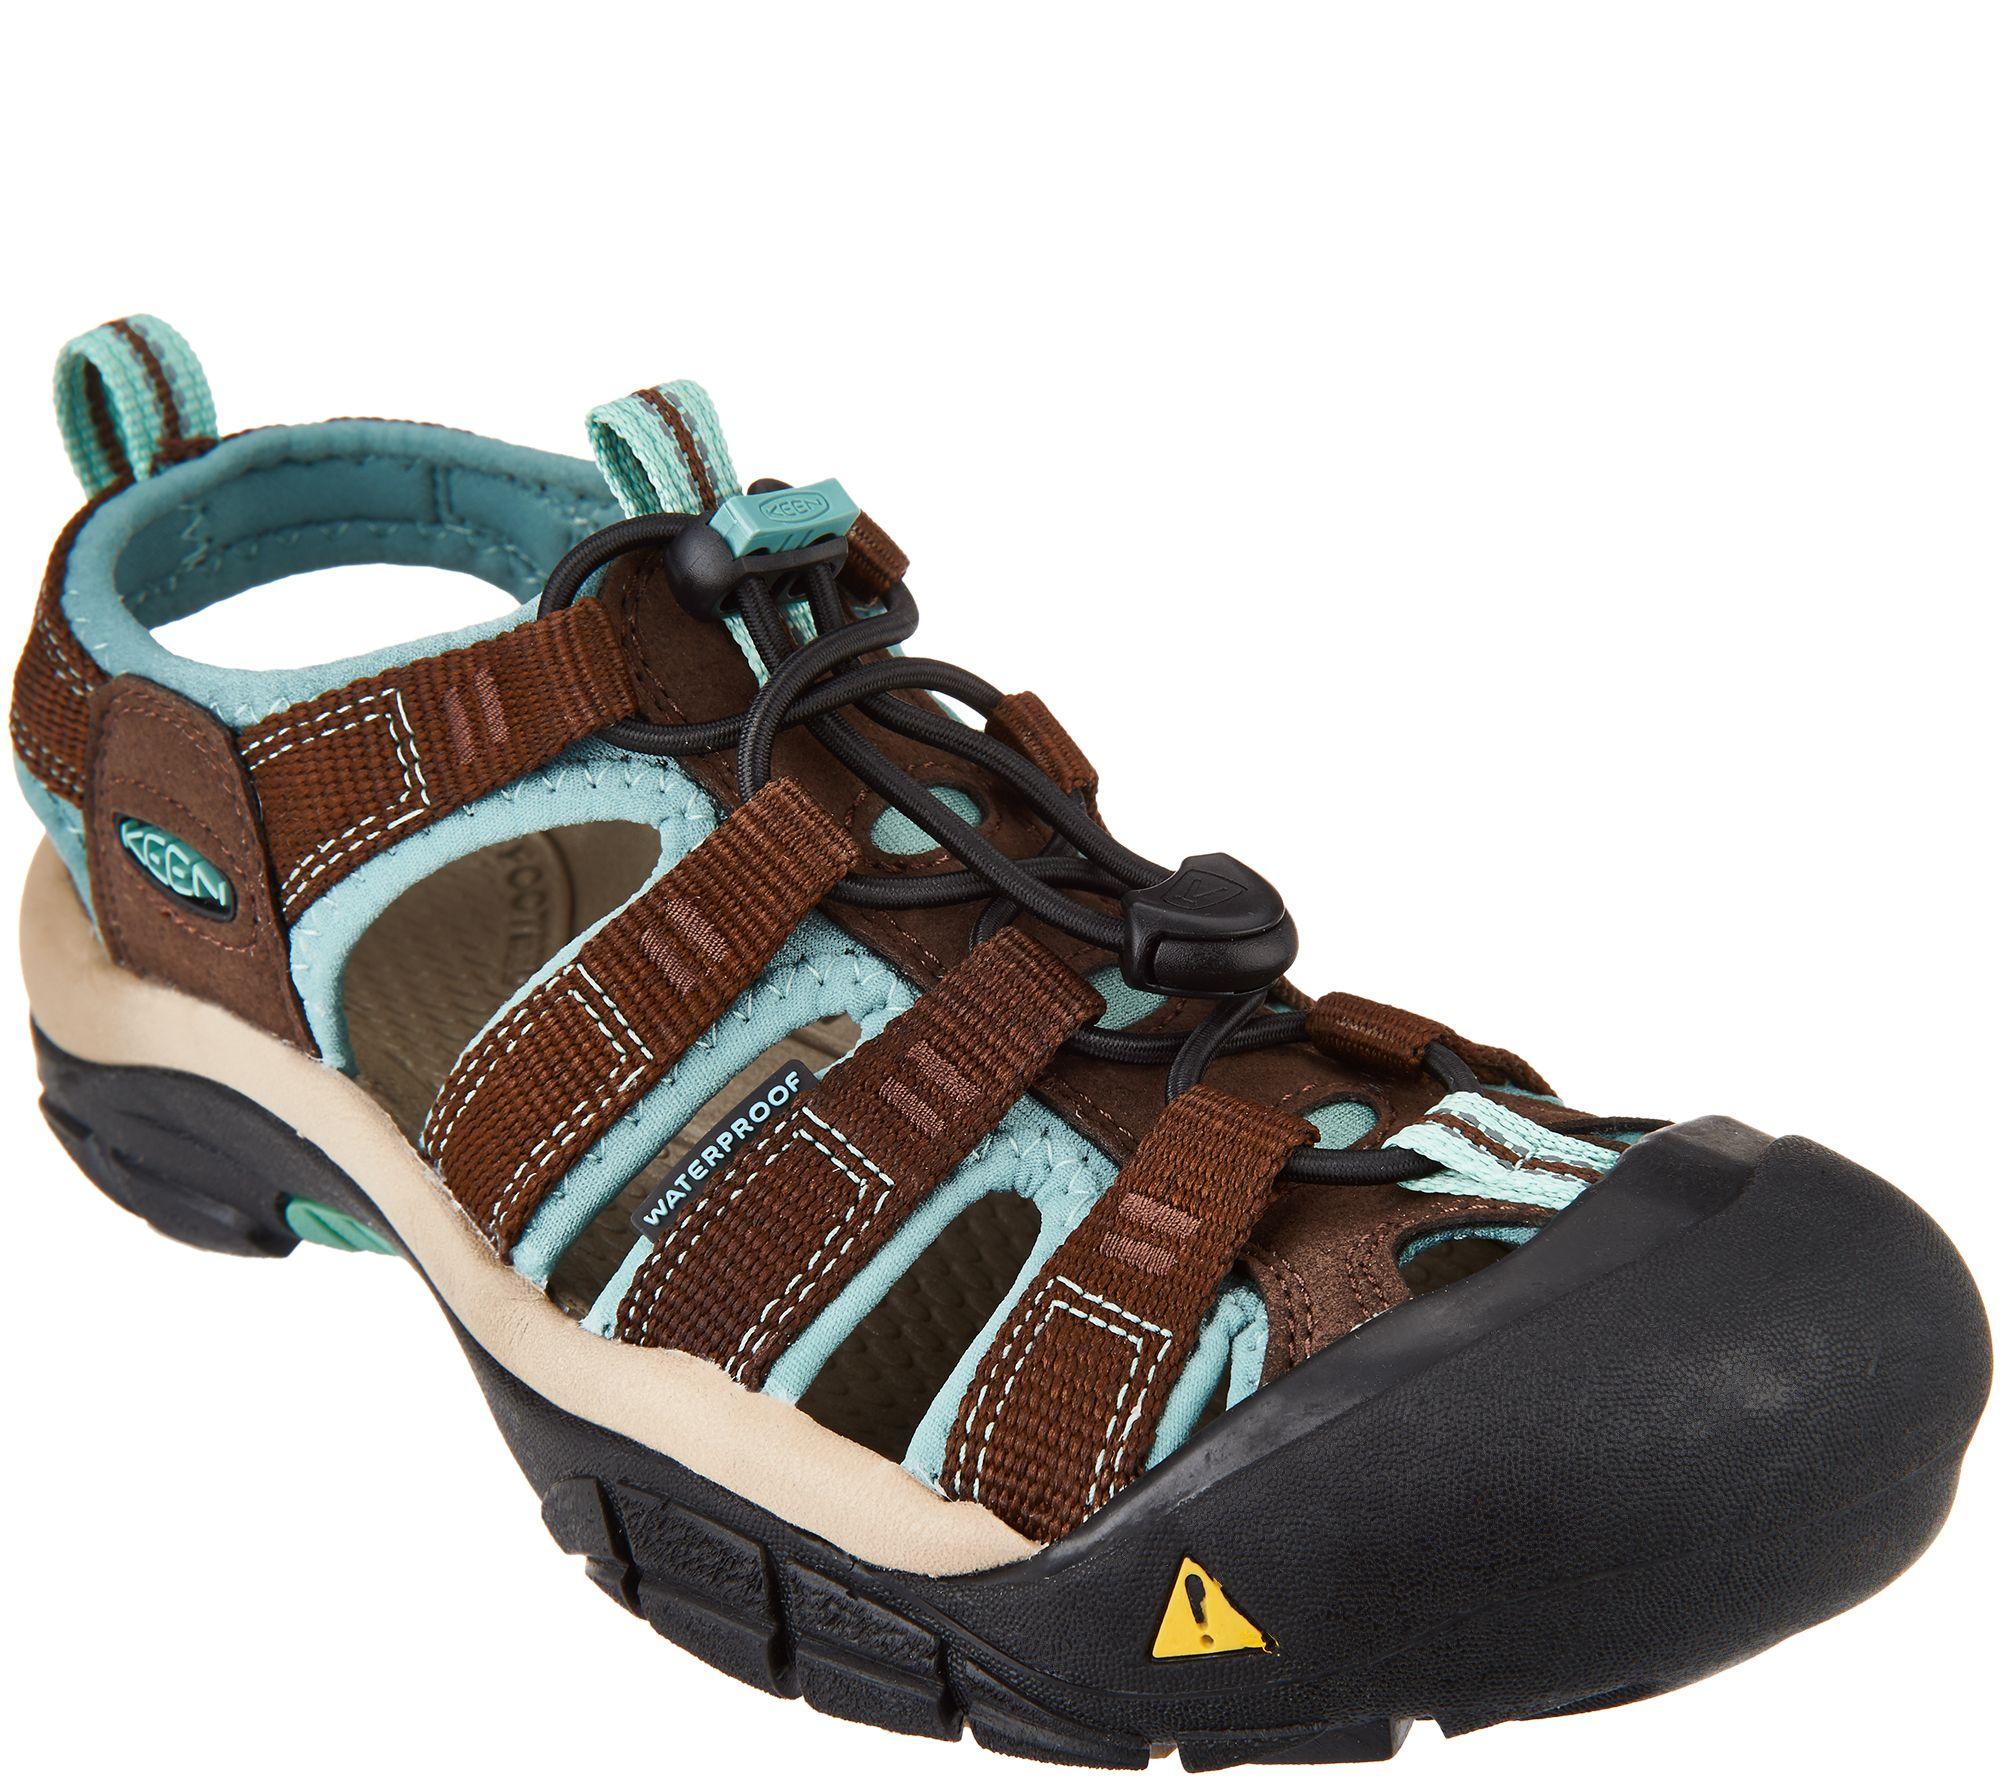 af6325c9c7359 KEEN Original Sport Sandals - Newport H2 - Page 1 — QVC.com